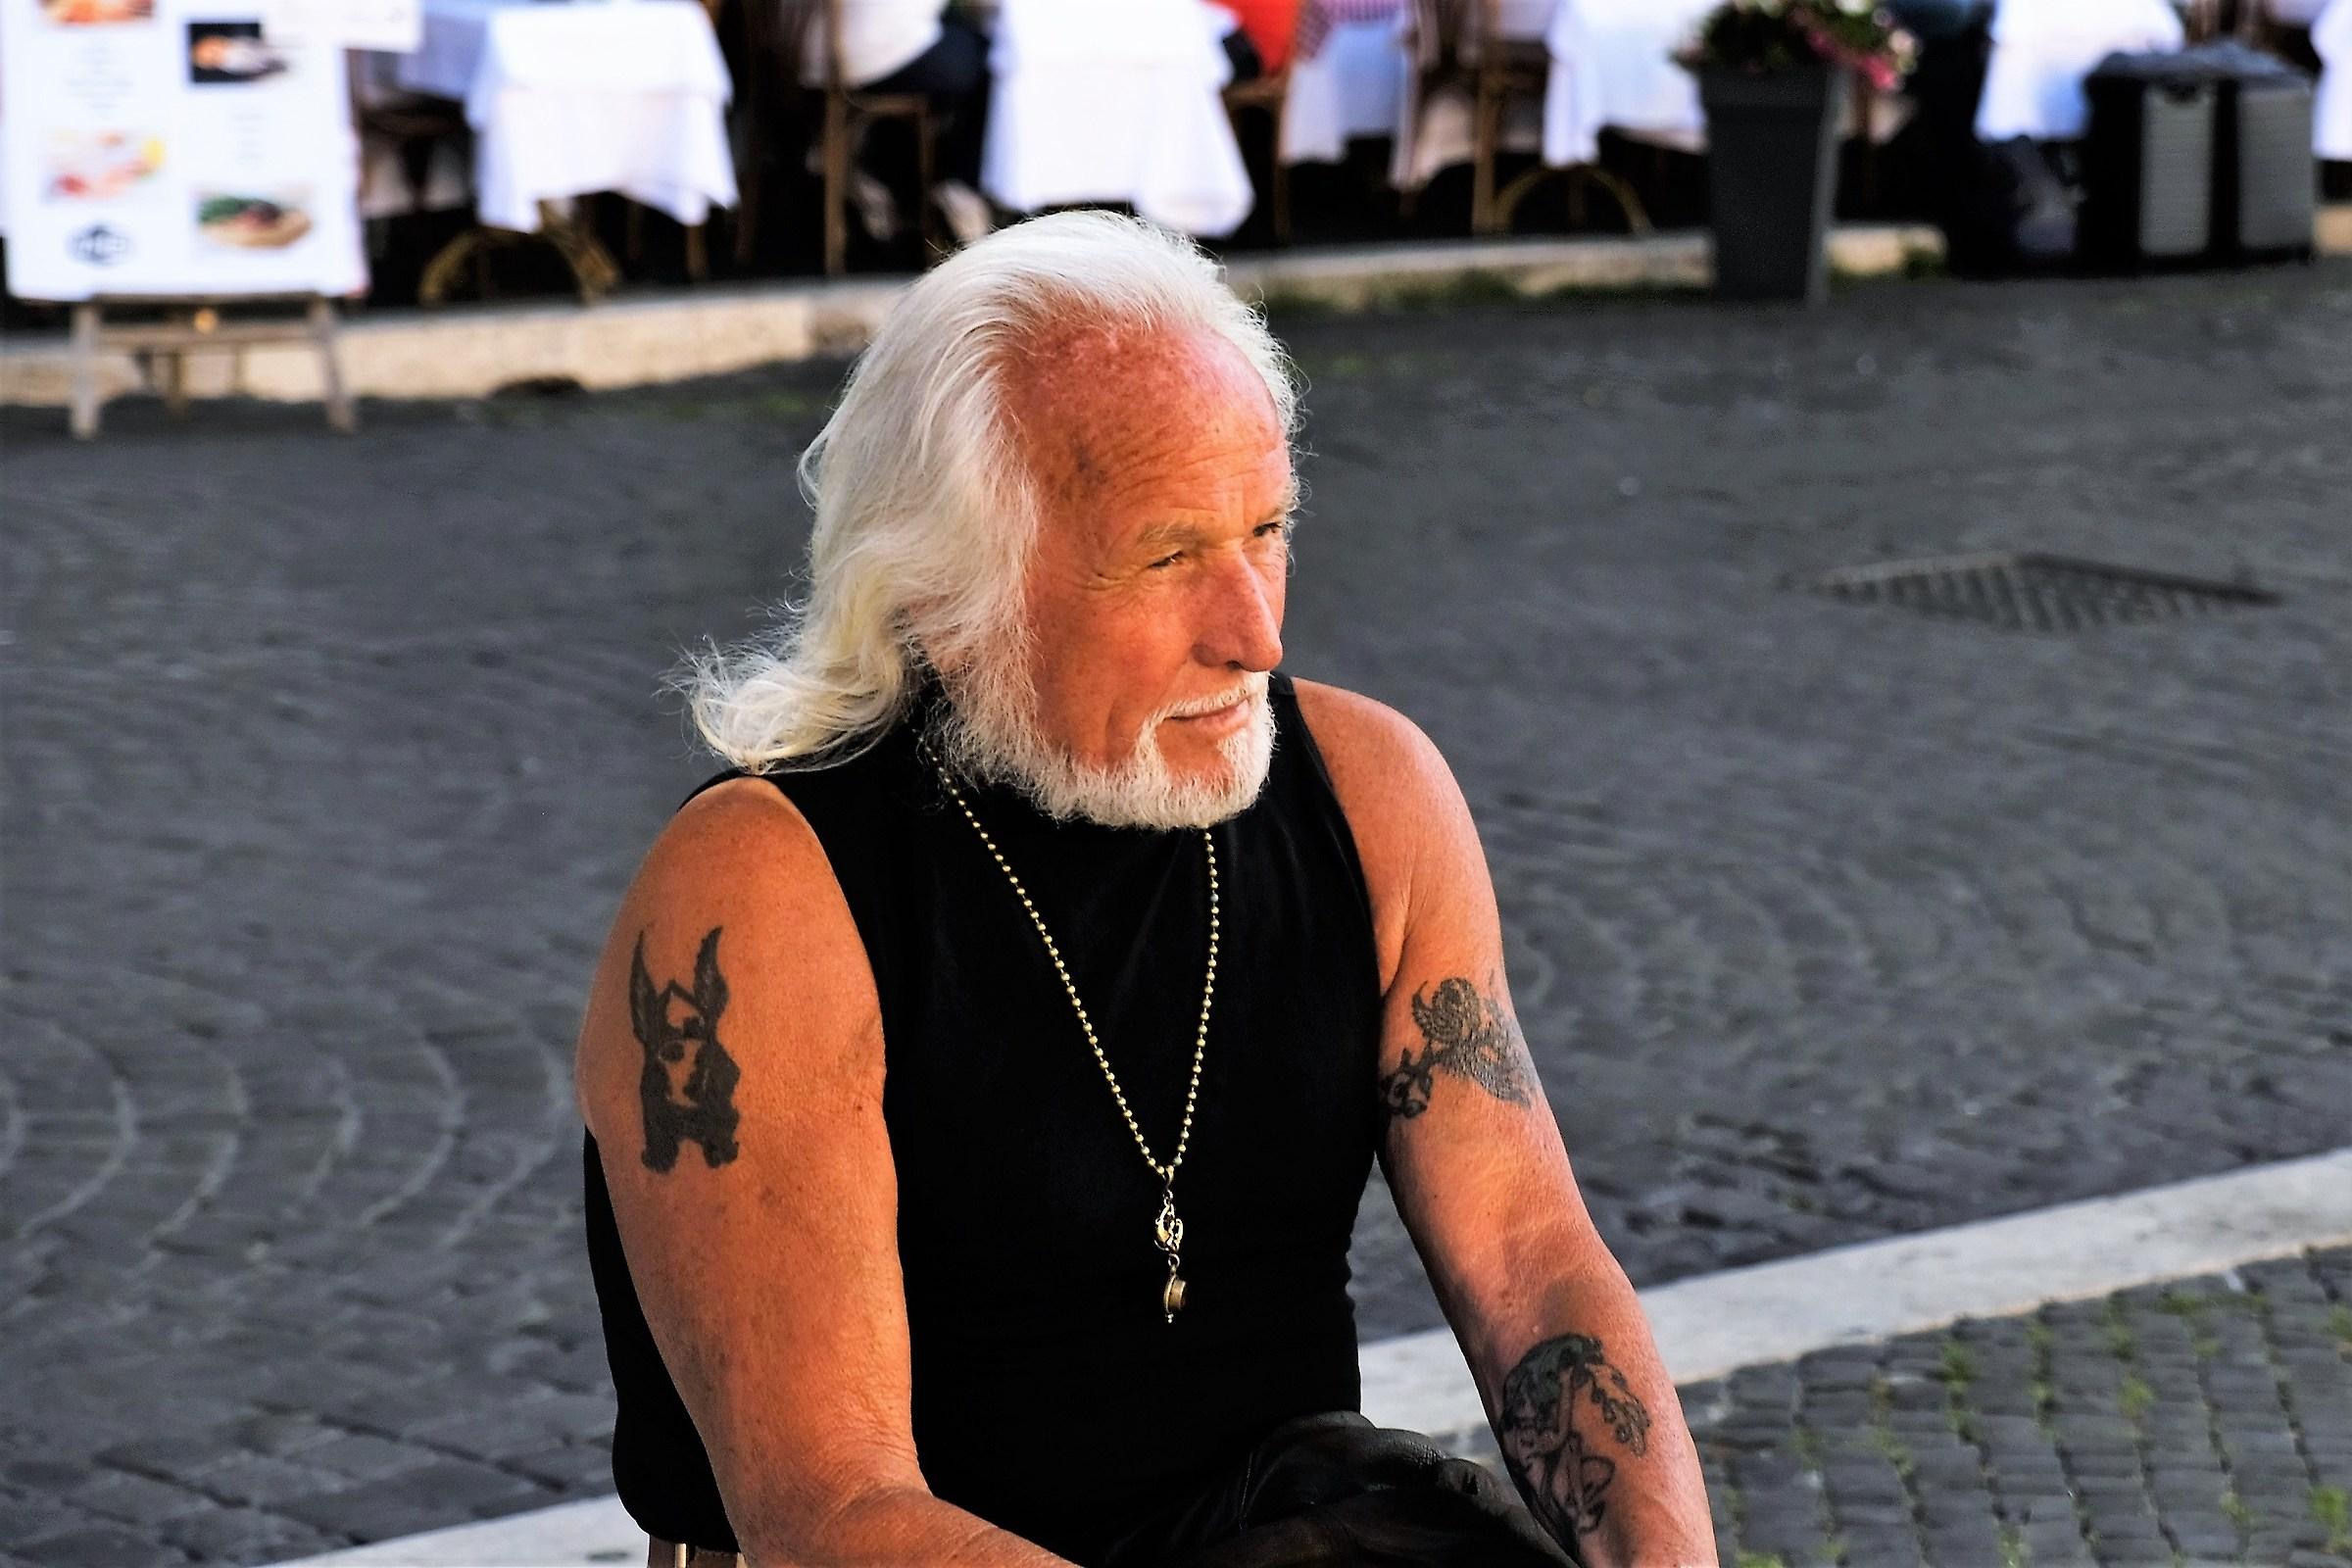 Il piacione di Piazza Navona senza Harley Davidson...